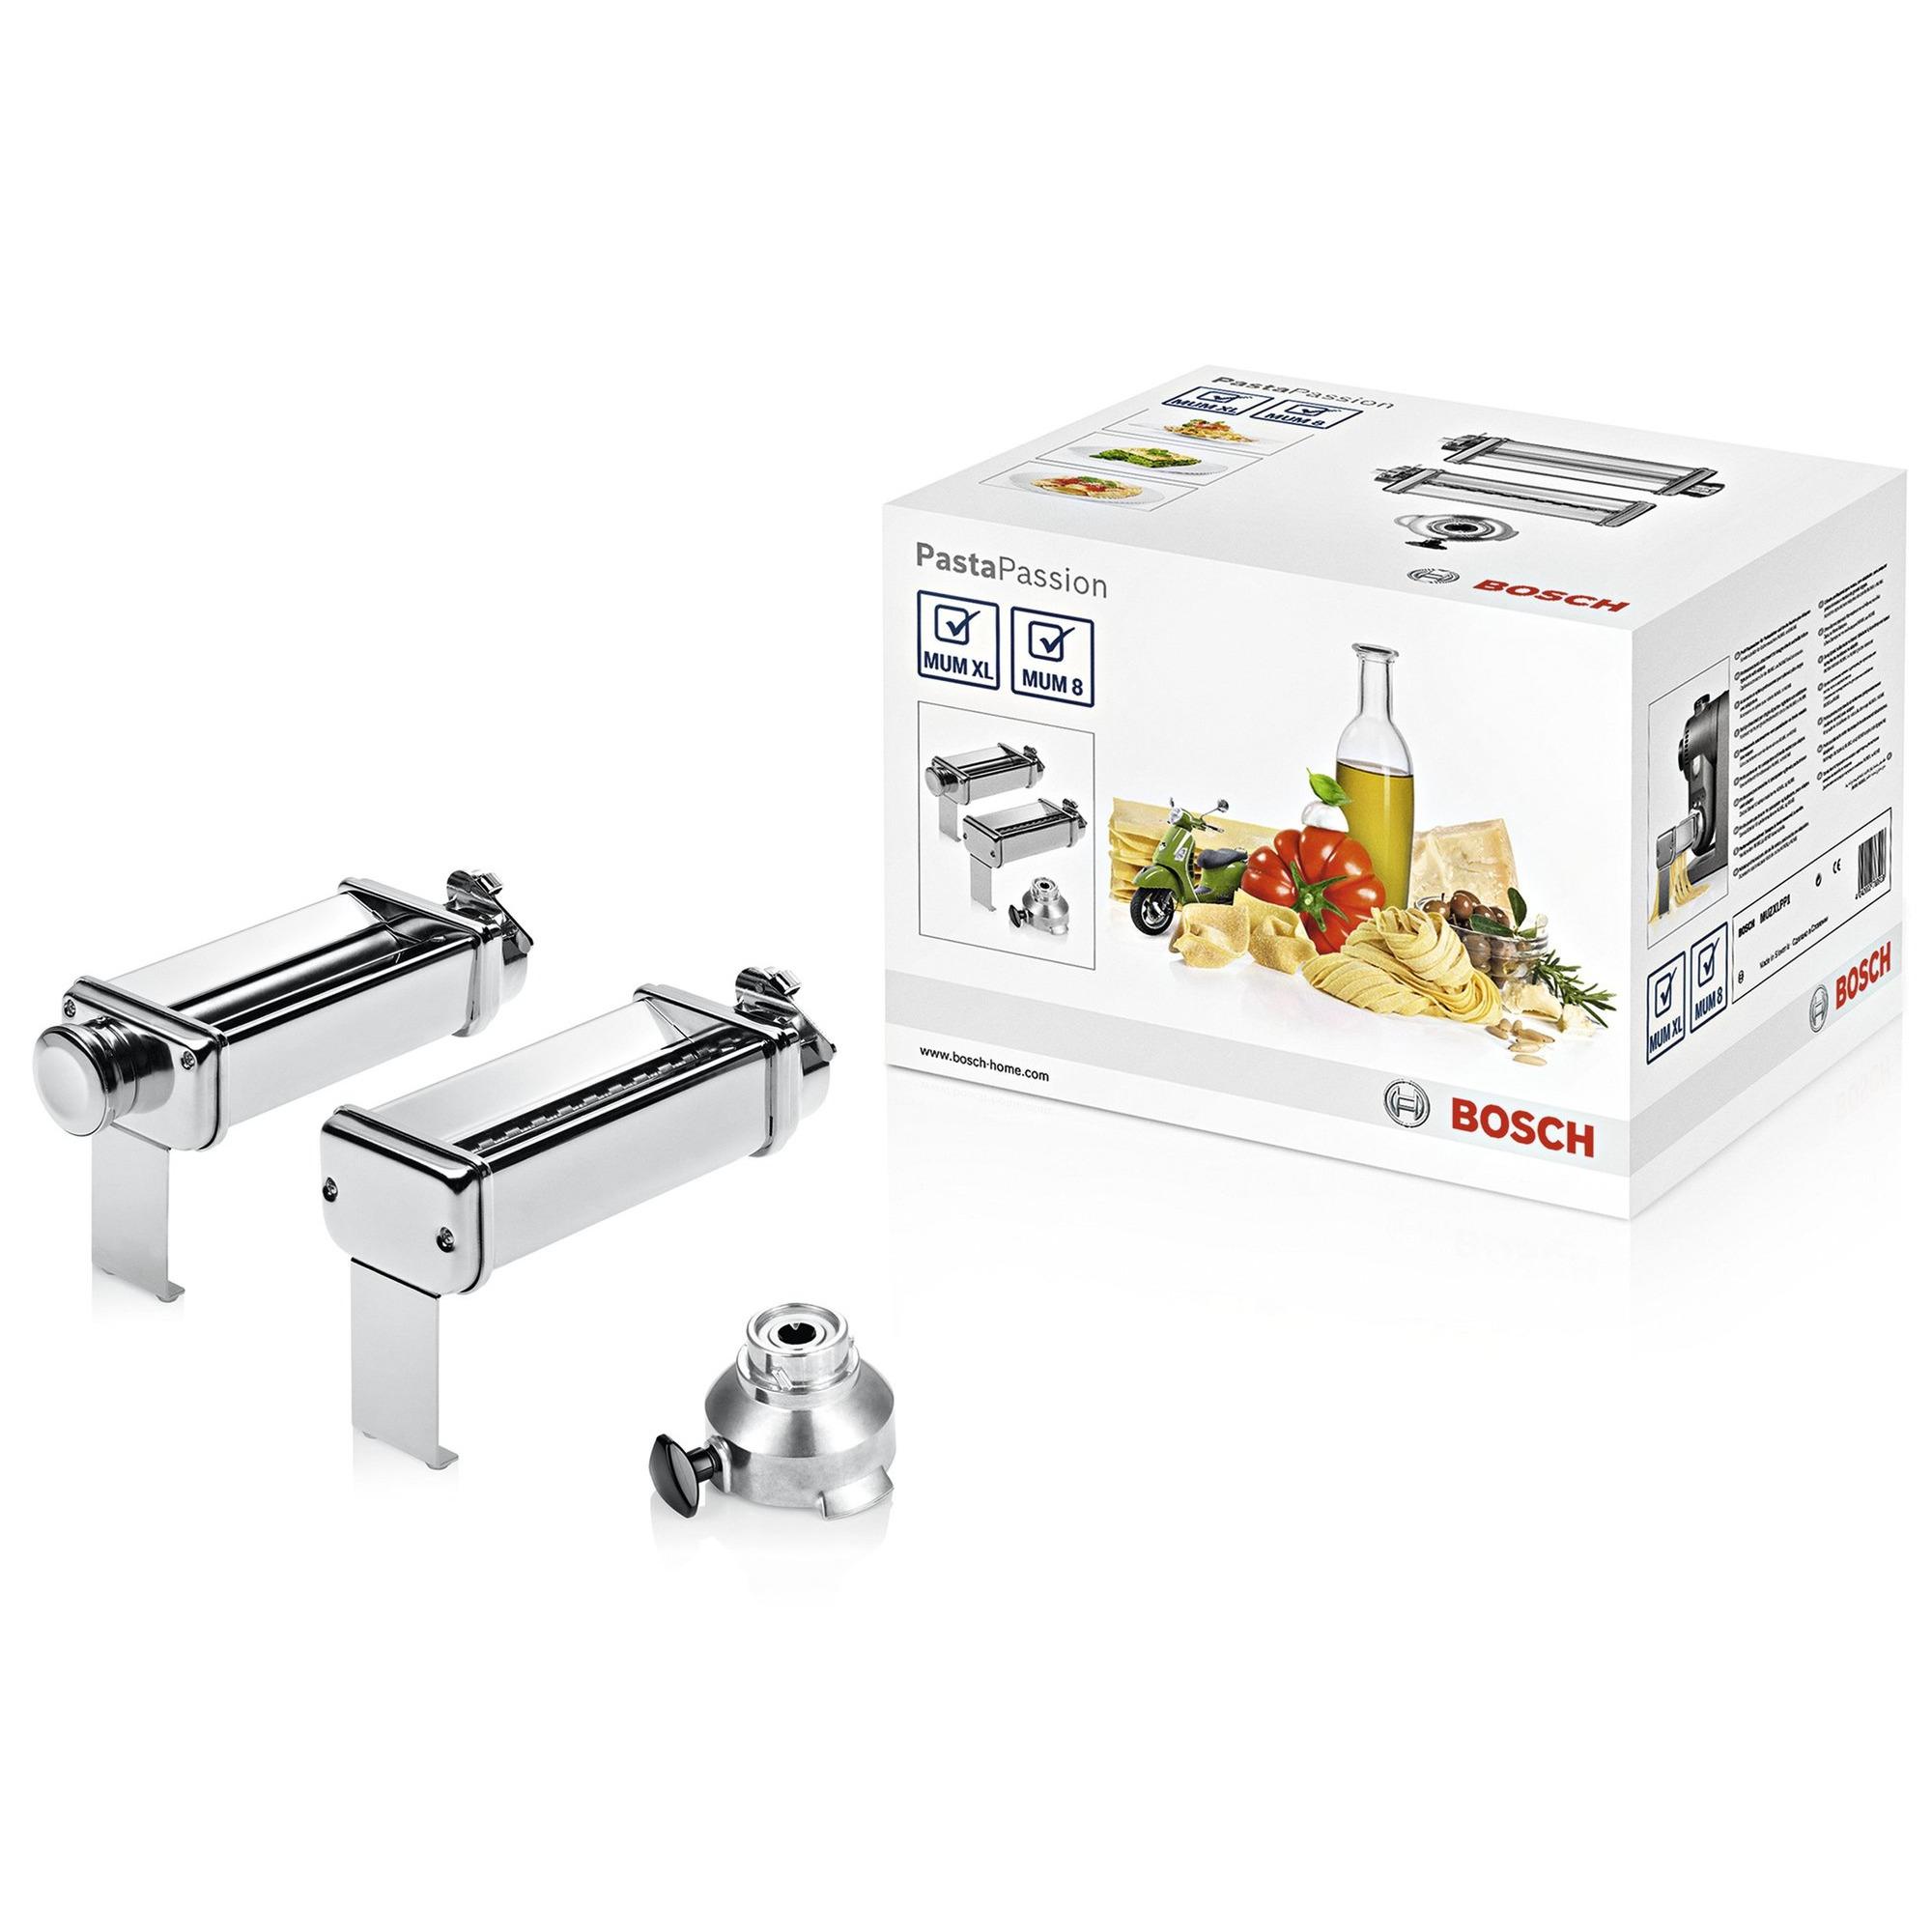 Bosch MUZXLPP1 PastaPassion tilbehørpk MUM/MUM8